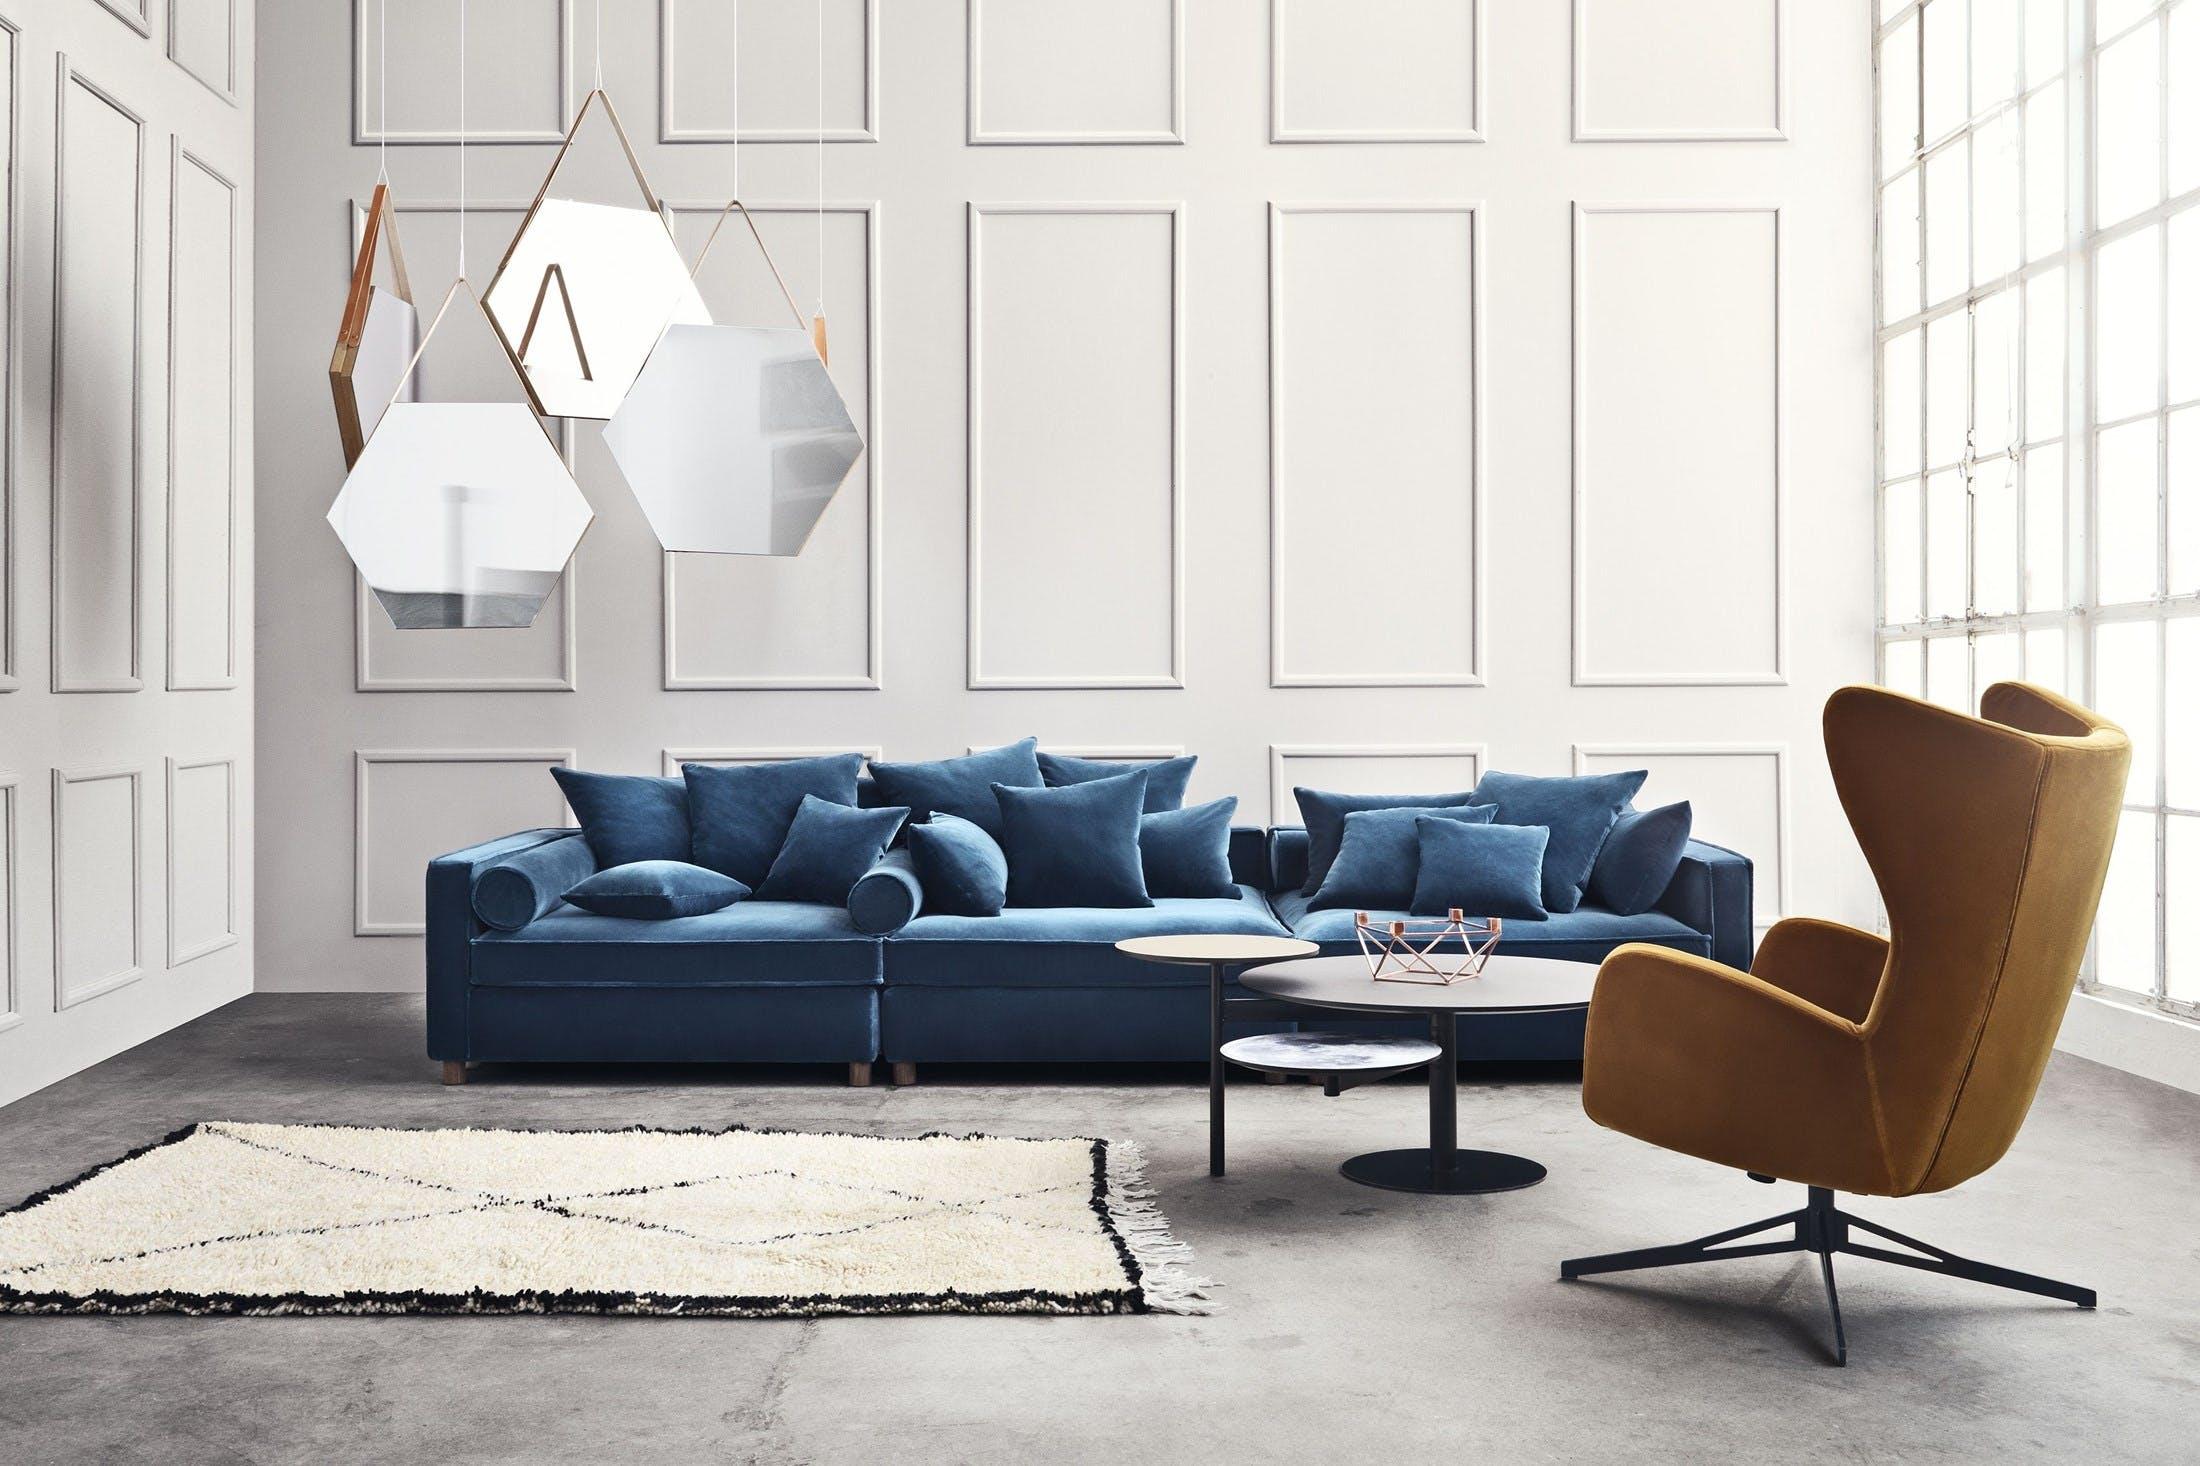 12 sofanyheder i velour og fl jl. Black Bedroom Furniture Sets. Home Design Ideas